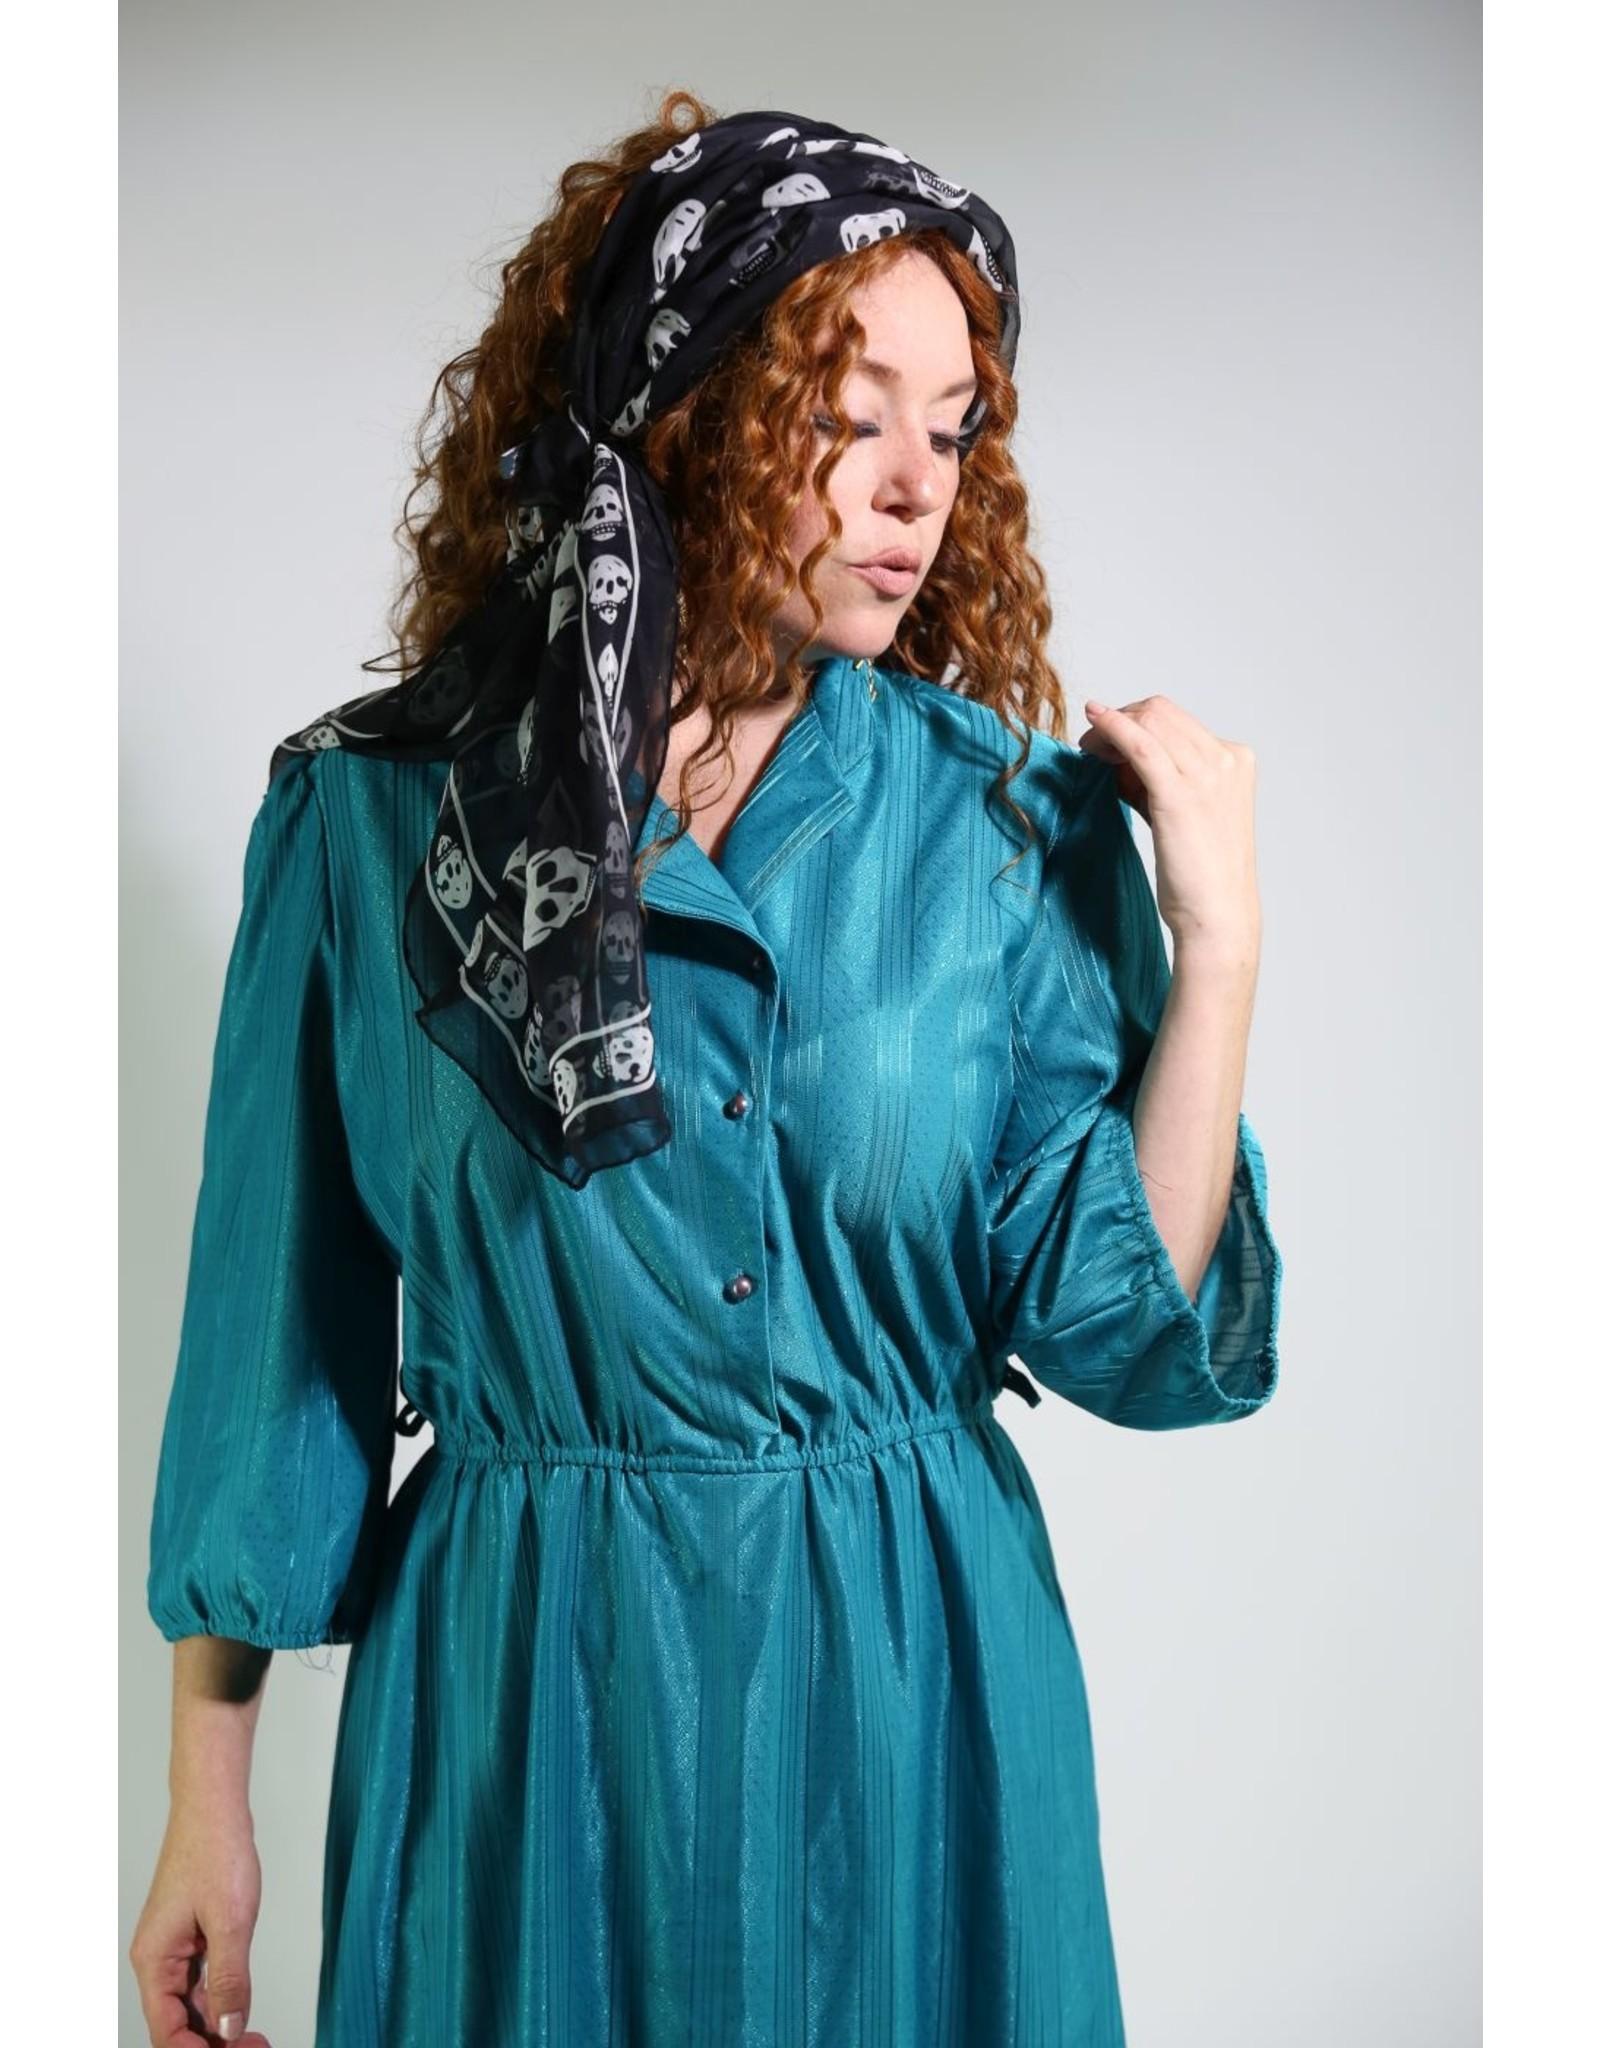 1980's Doo-Dad's Teal Dress